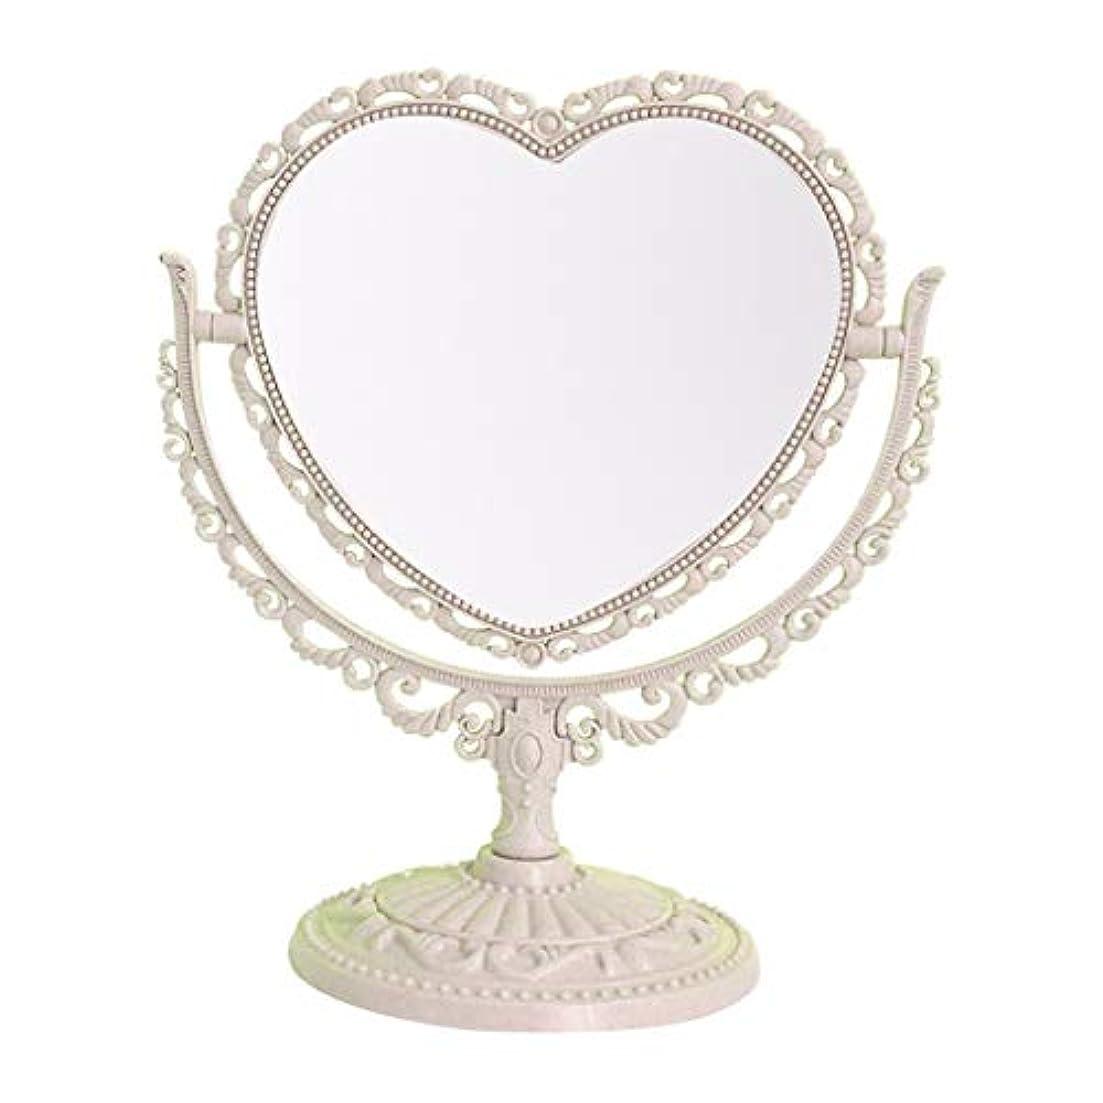 愛撫特徴づける里親小型コンパクト化粧鏡、 360°回転 卓上ミラー 両面 現代の 美容化粧鏡 強化ガラス ビンテージ?スタイル 化粧鏡 卓上ミラー (Color : Beige)